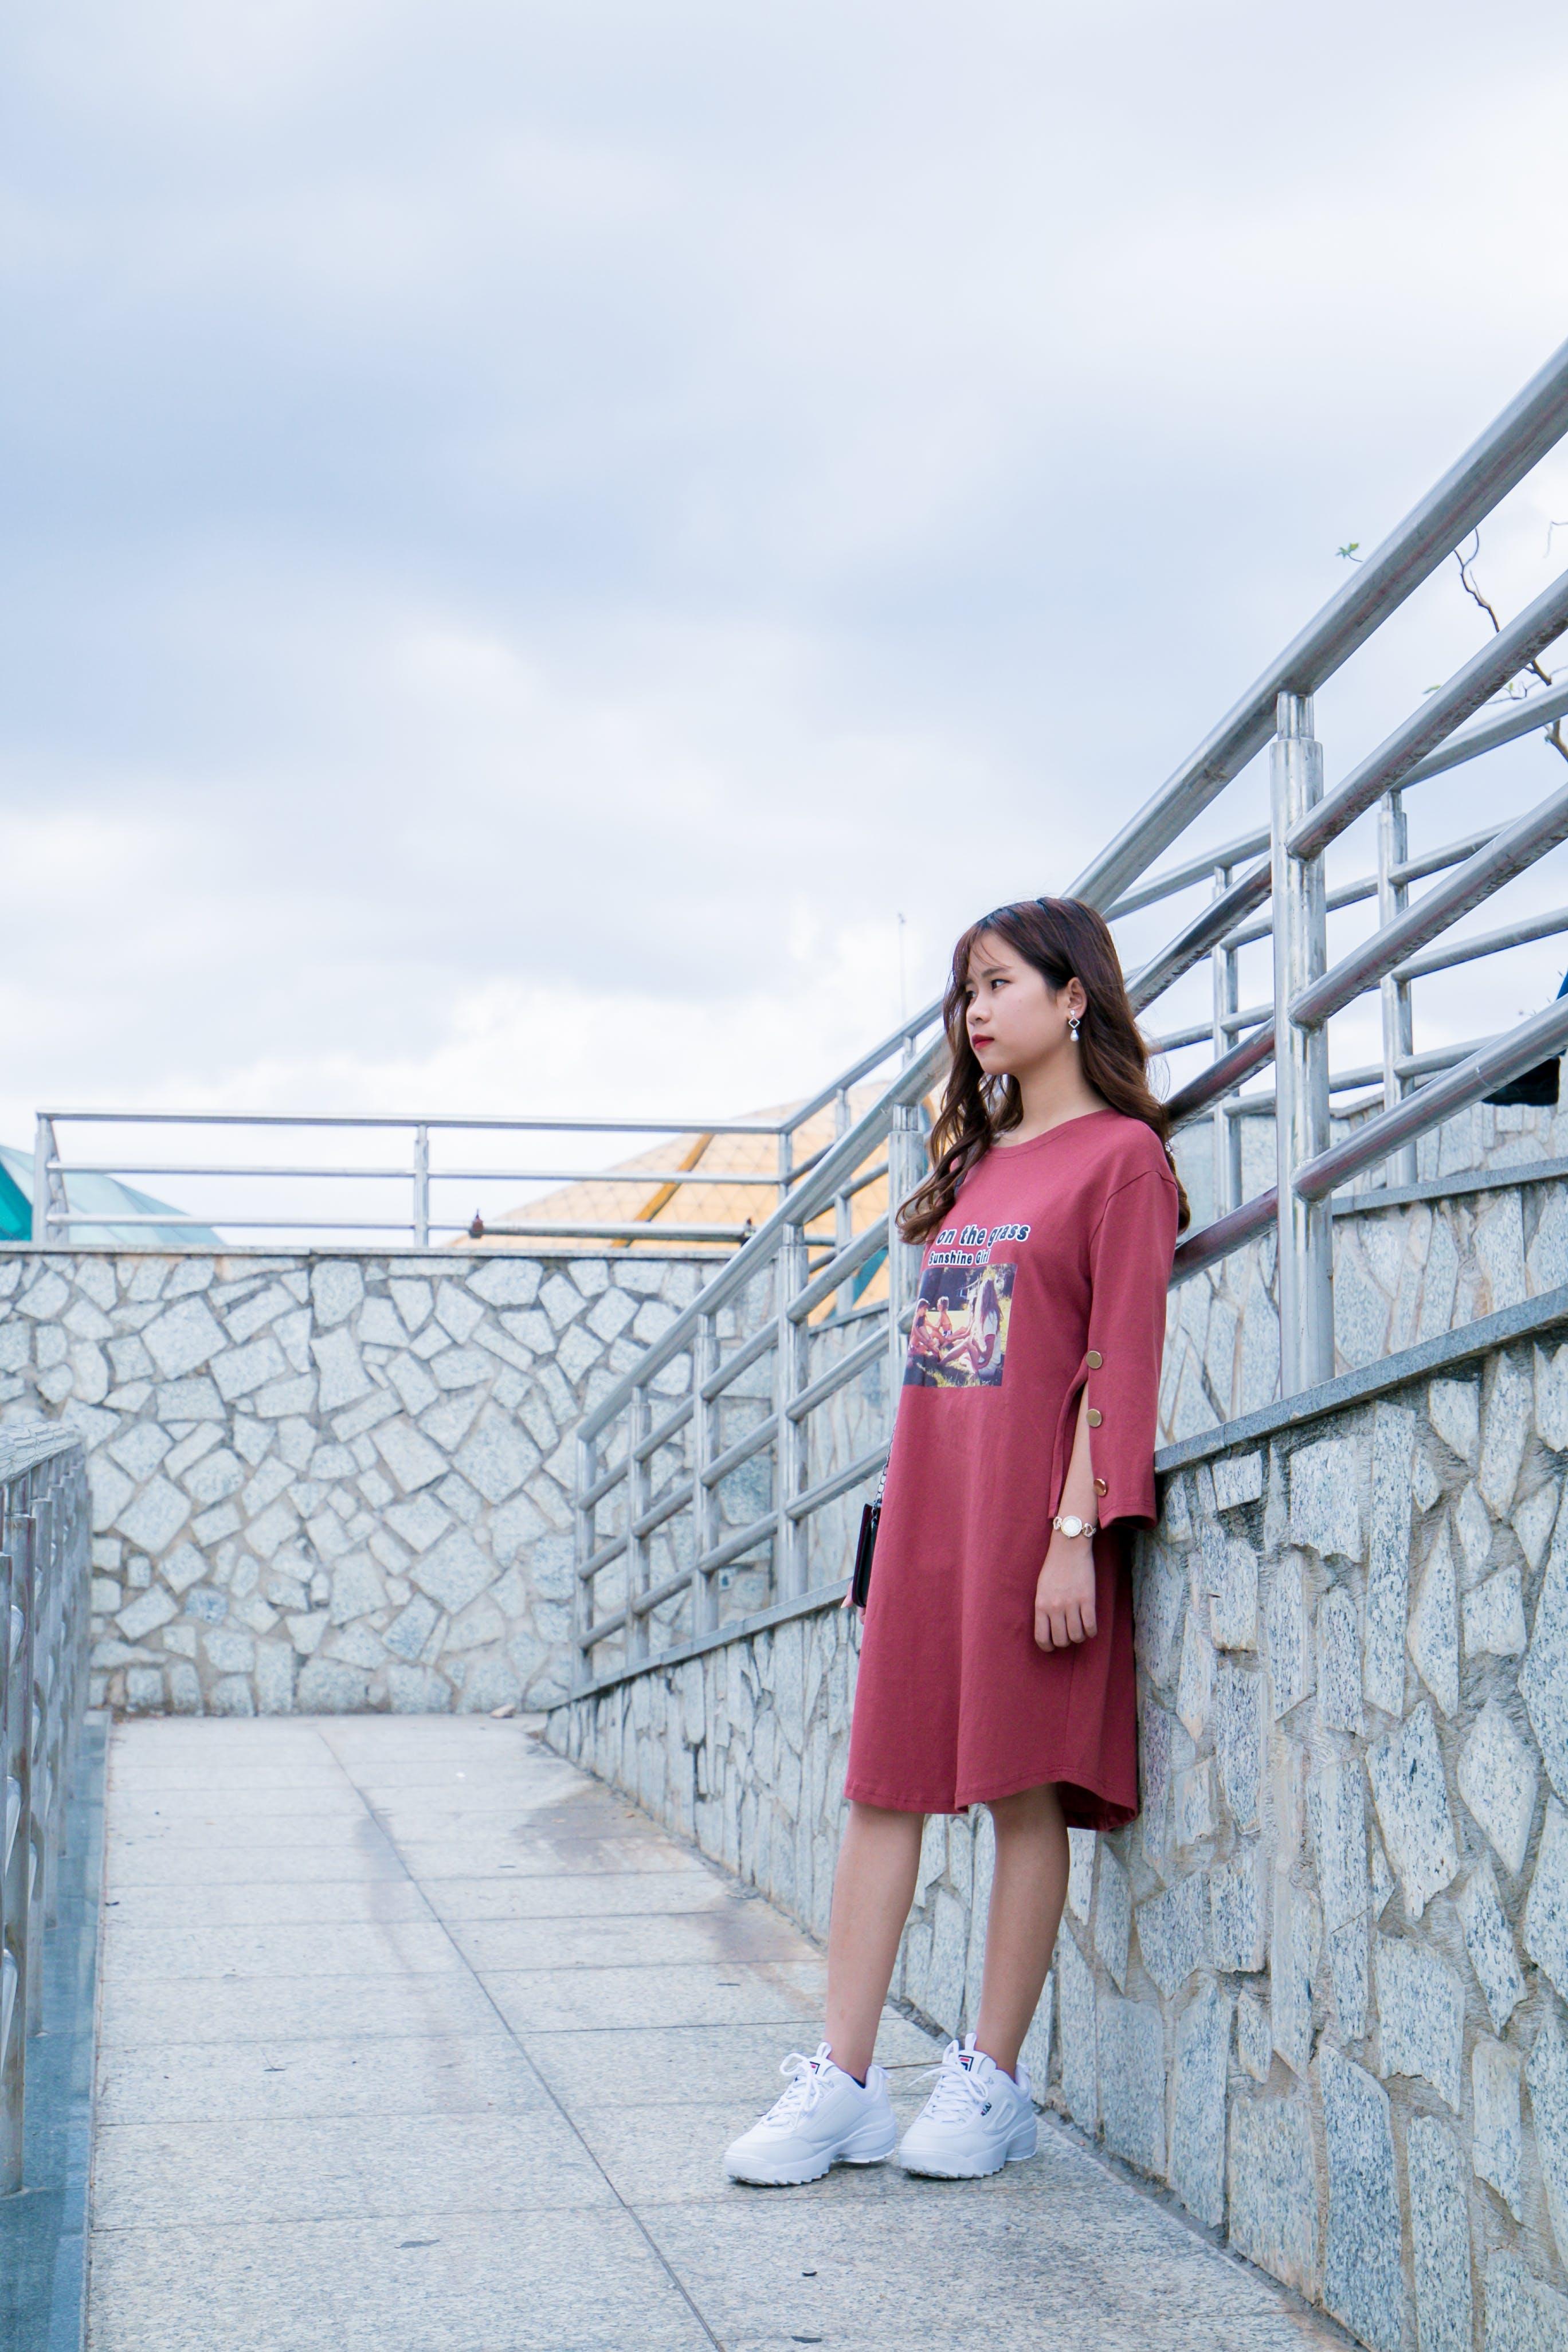 Gratis stockfoto met aantrekkelijk mooi, Aziatisch meisje, Aziatische vrouw, fashion